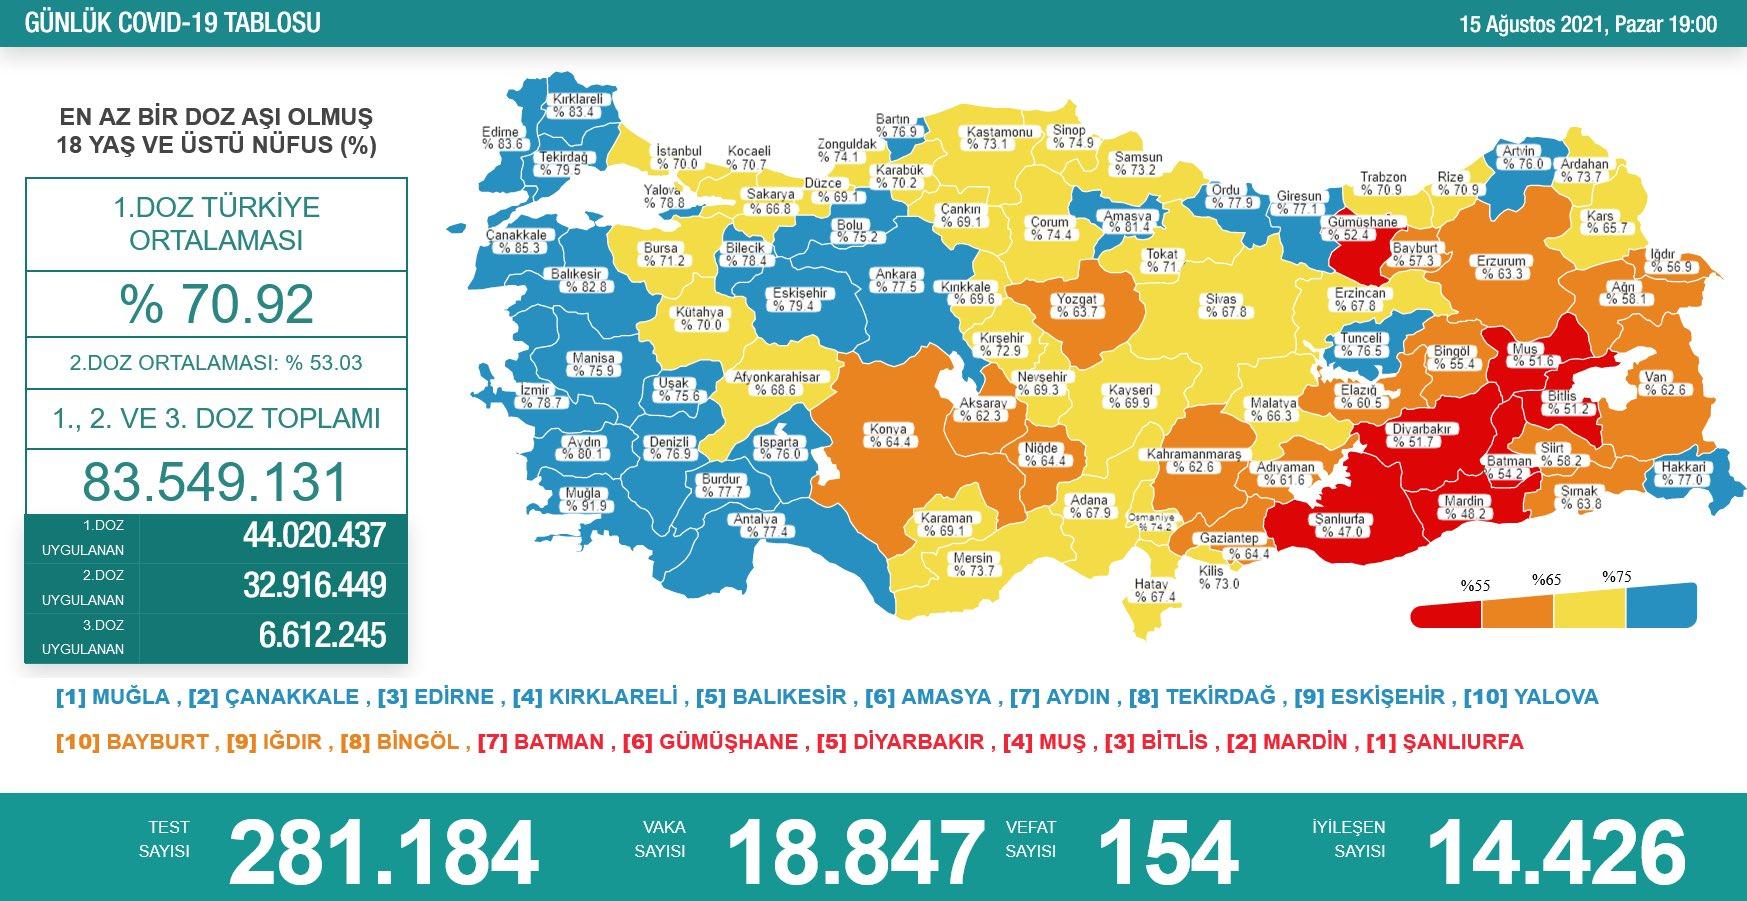 15 Ağustos 2021 Türkiye Koronavirüs Tablosu Açıkladı